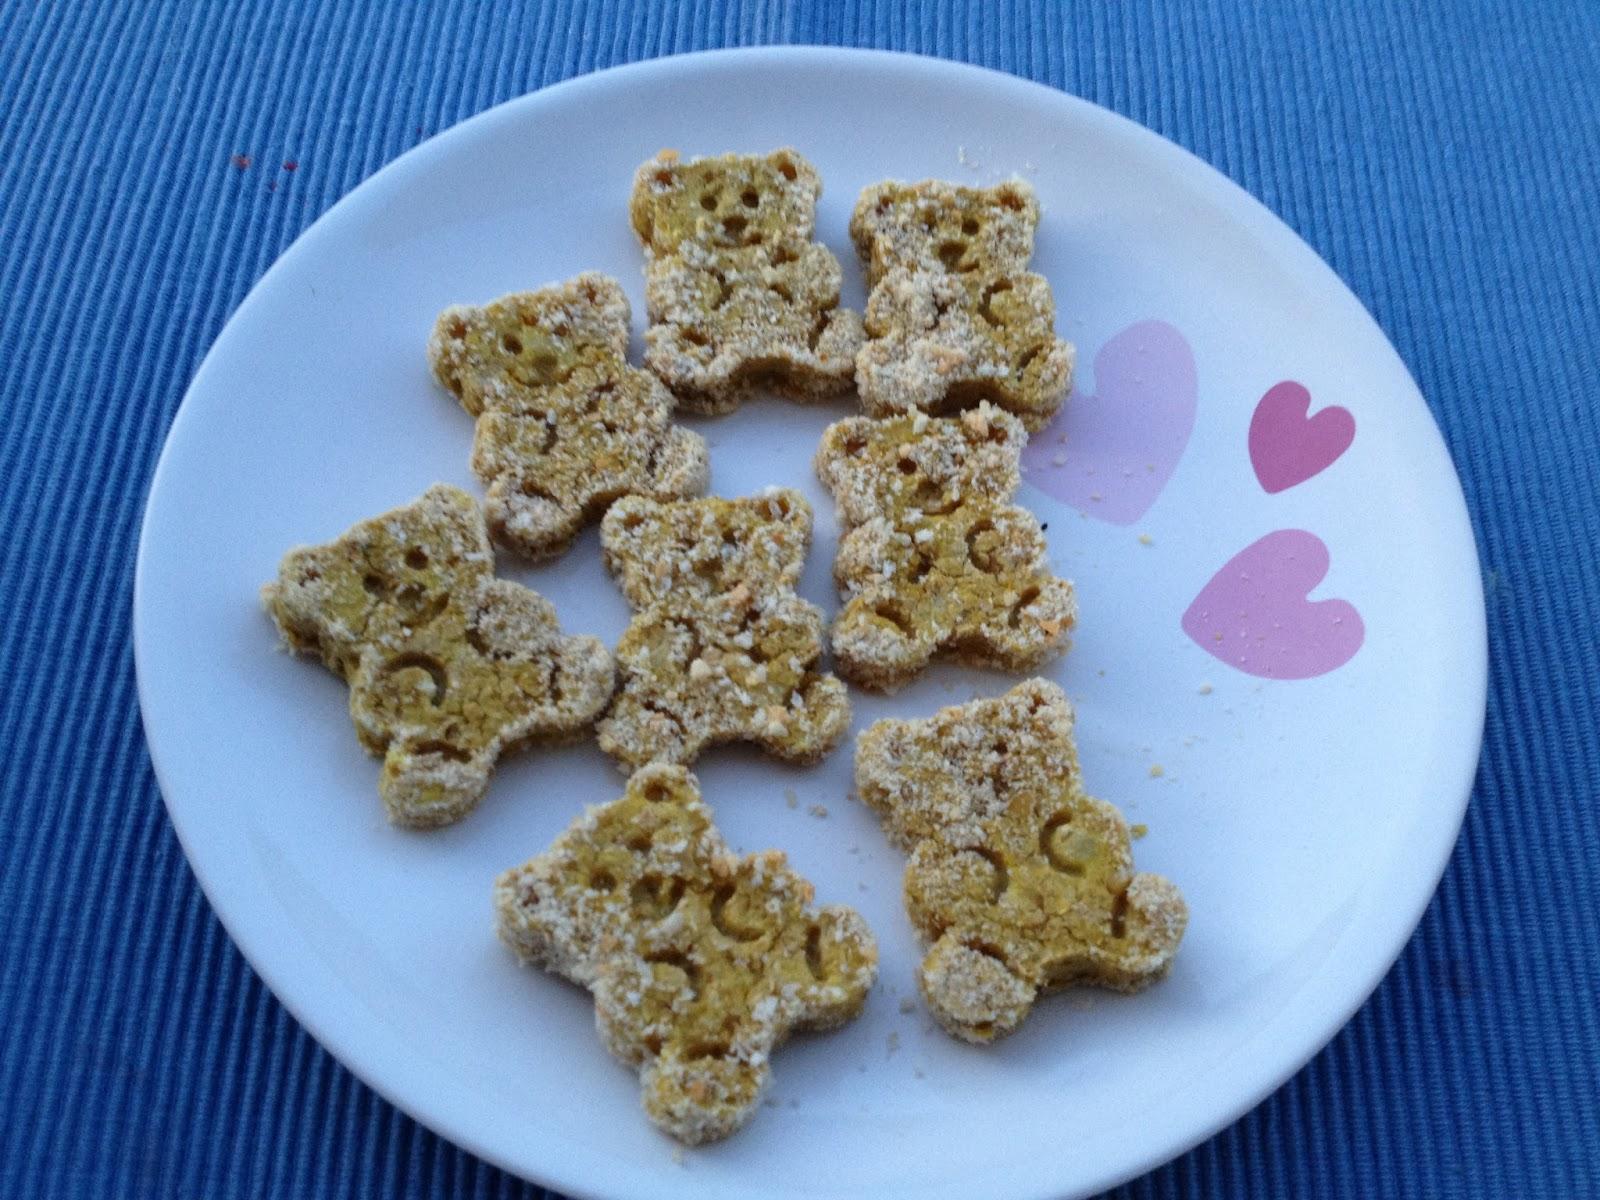 Come fare mangiare i legumi ai bambini (e ai mariti!): orsetti di ceci!